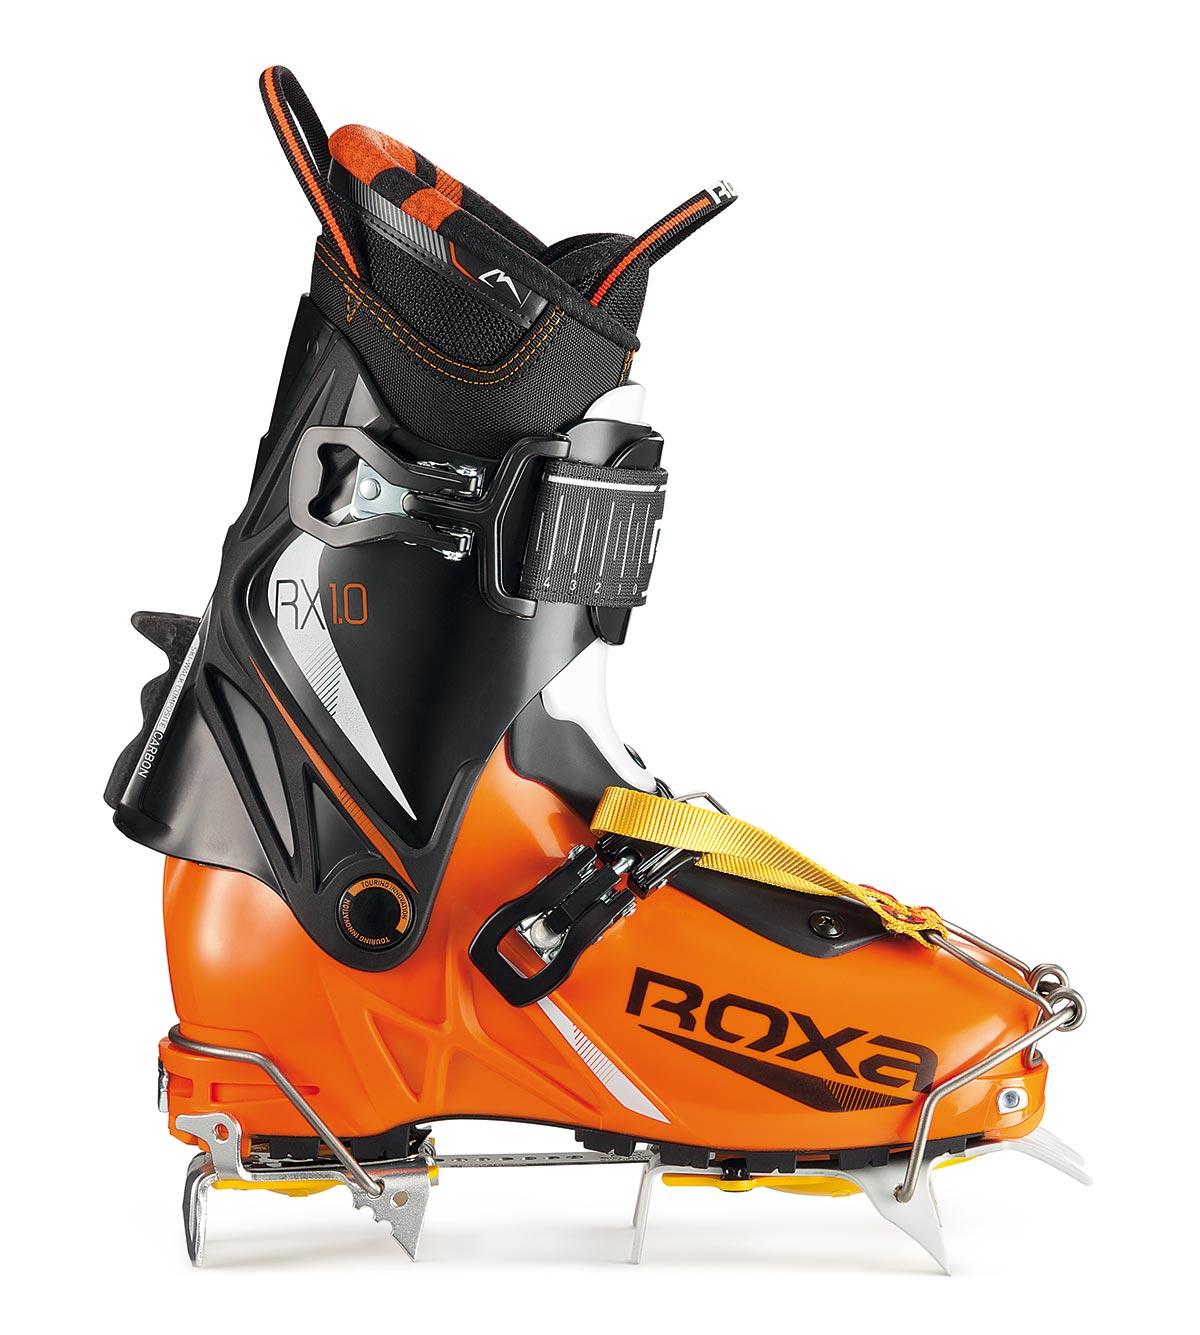 rx10ice-orange-ice